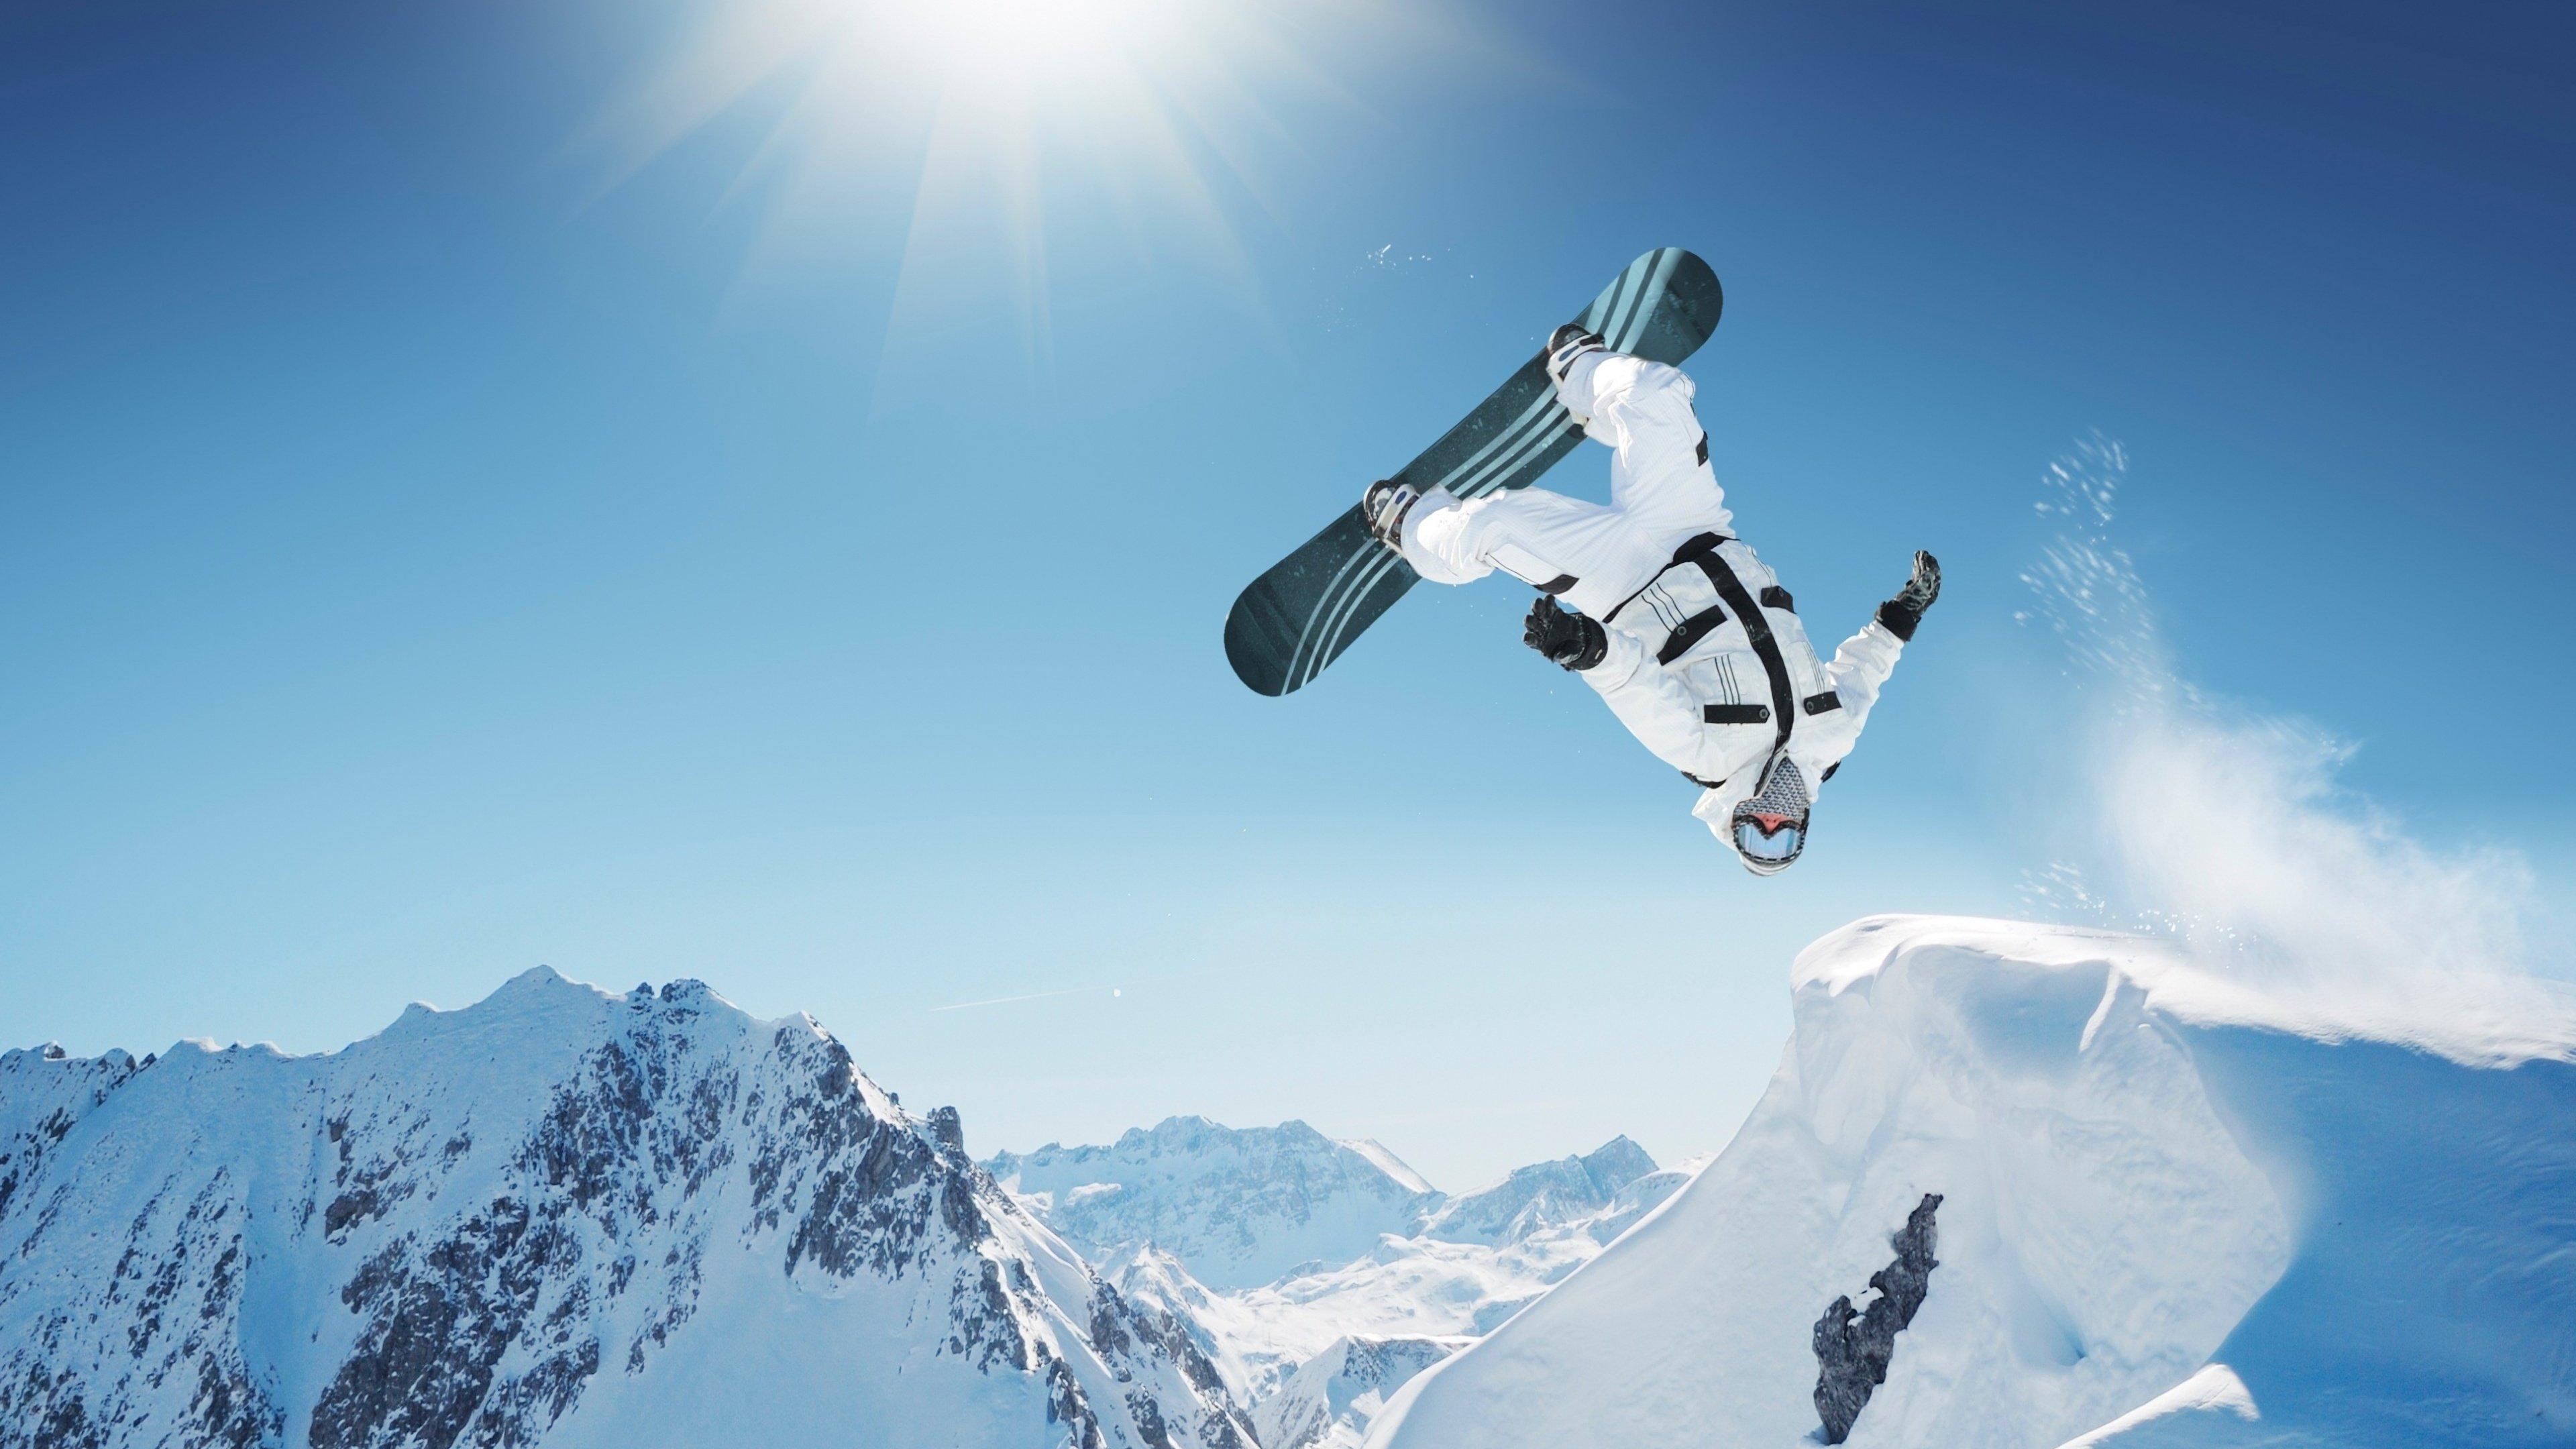 94ada65eb31 Snowboard hd wallpaper - SF Wallpaper